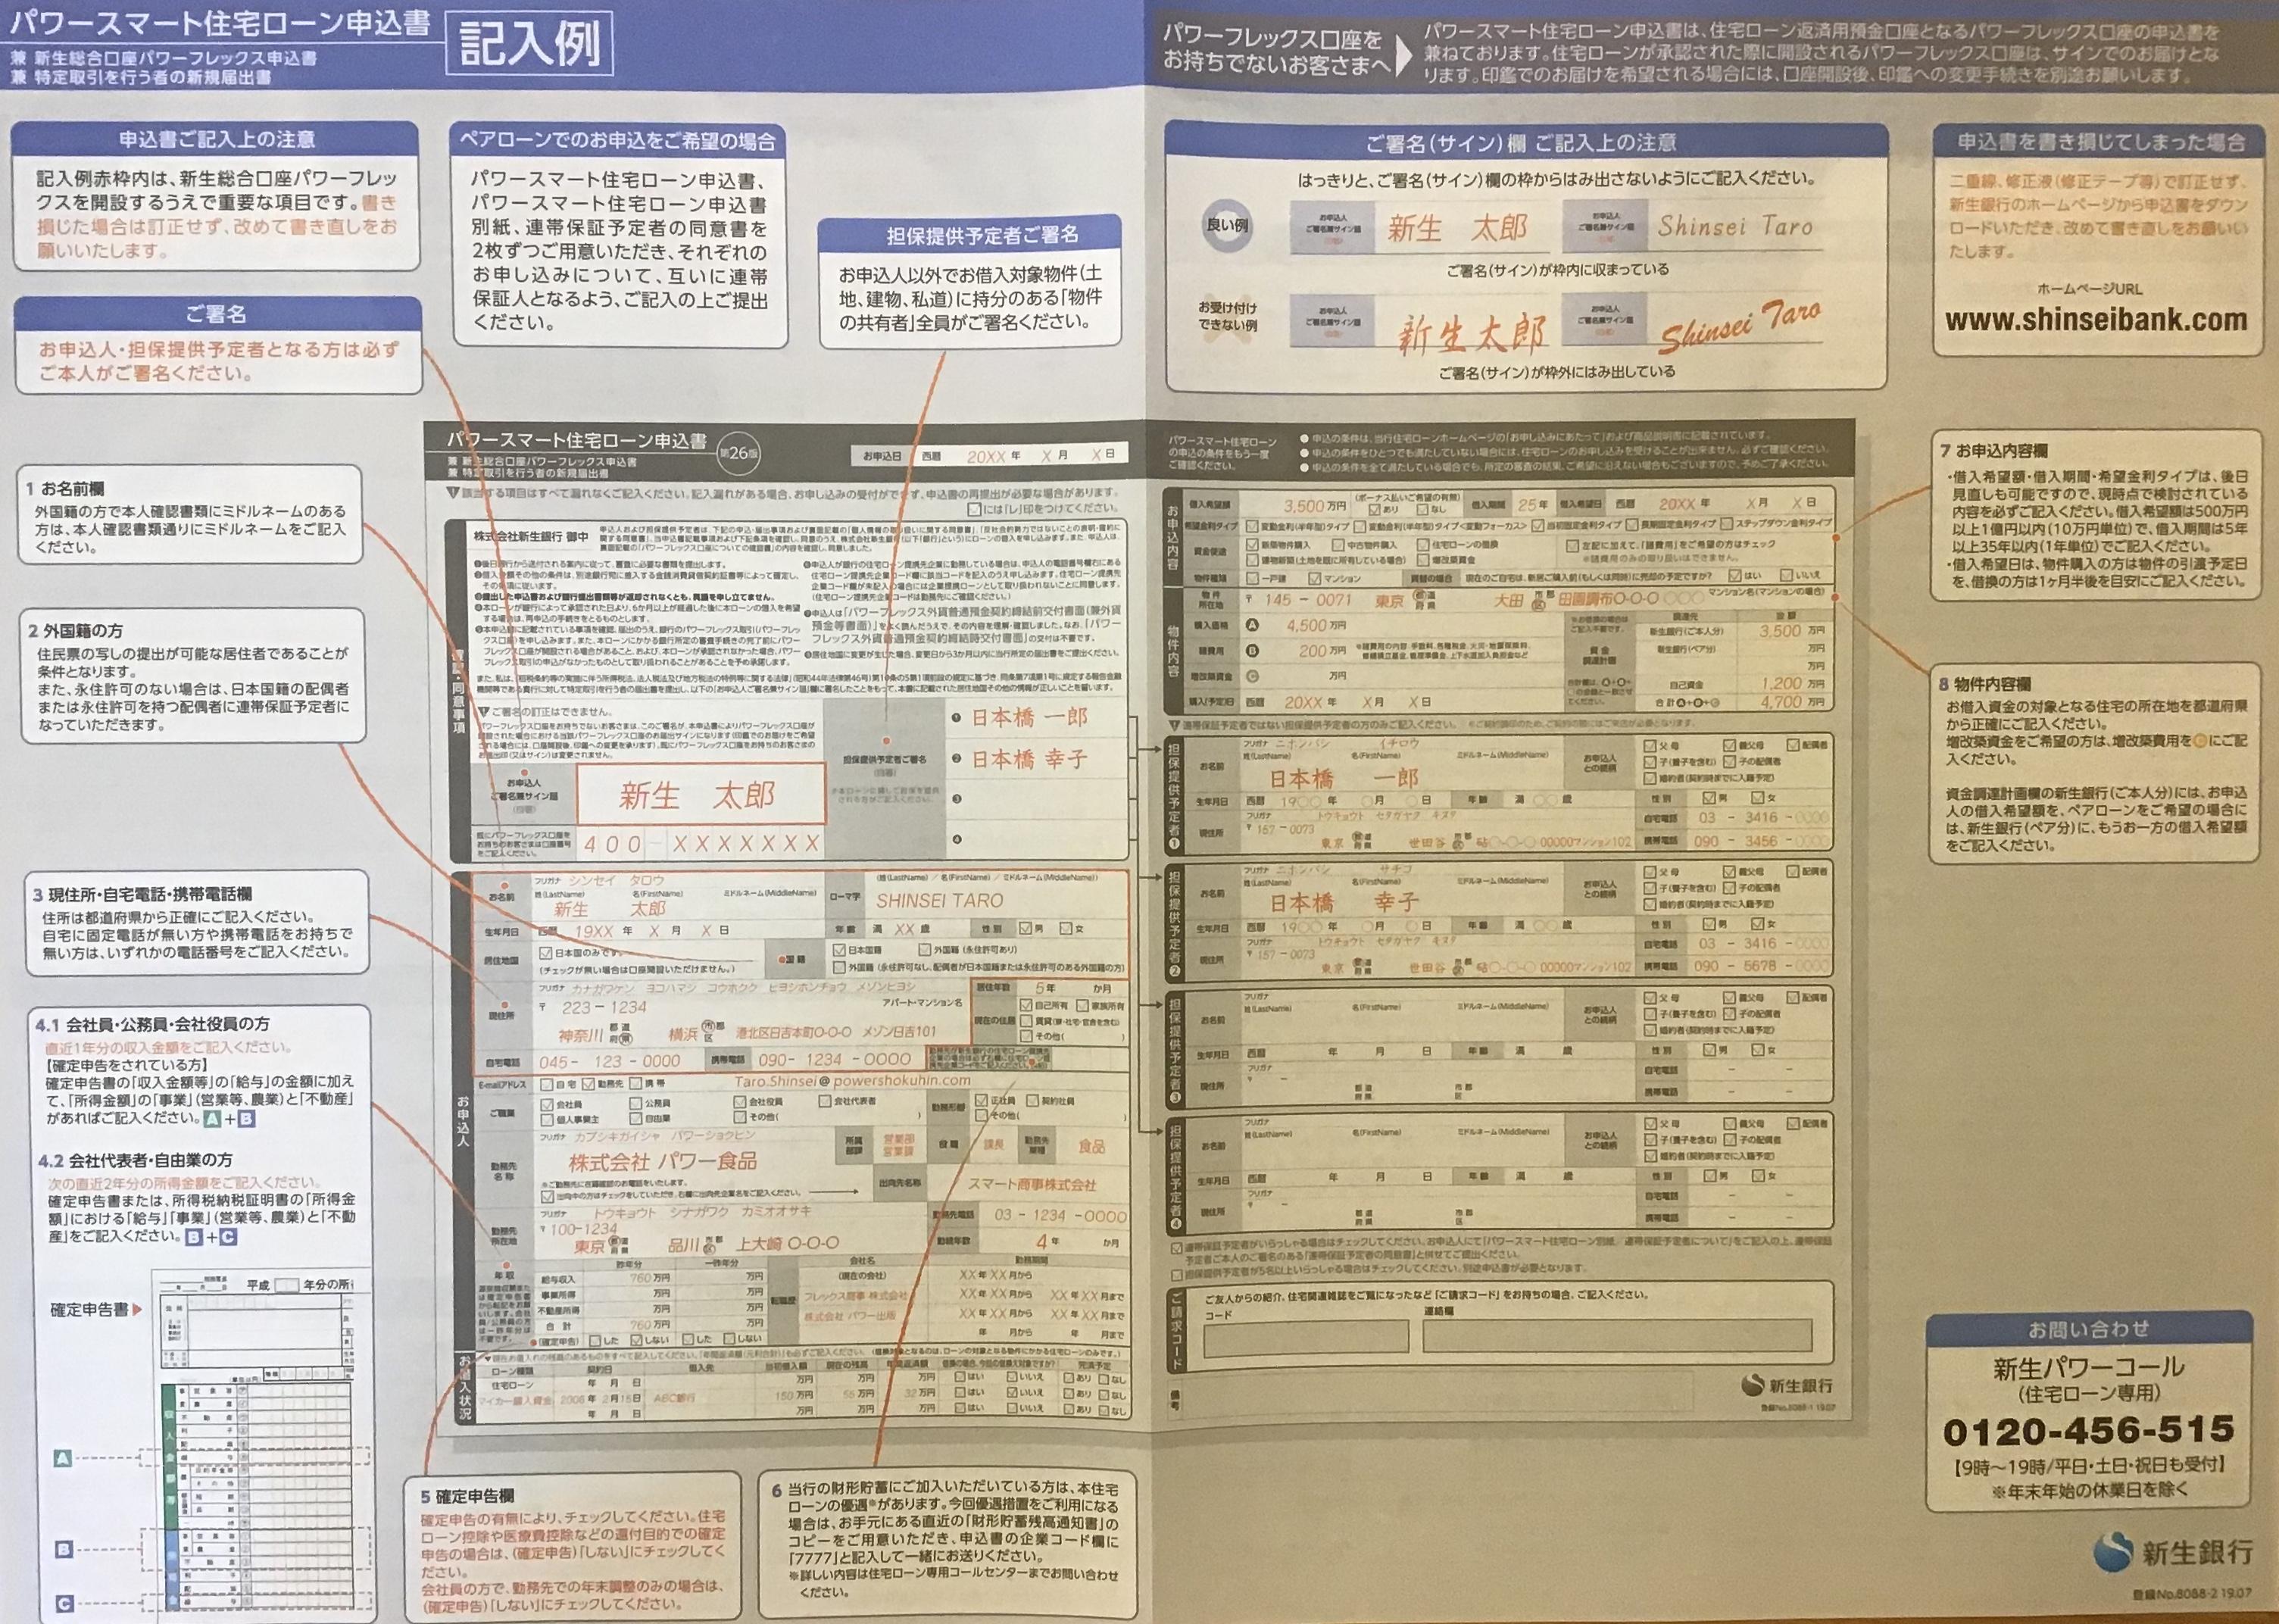 C6928C34-AC5B-49CD-8E35-259C543C86CC